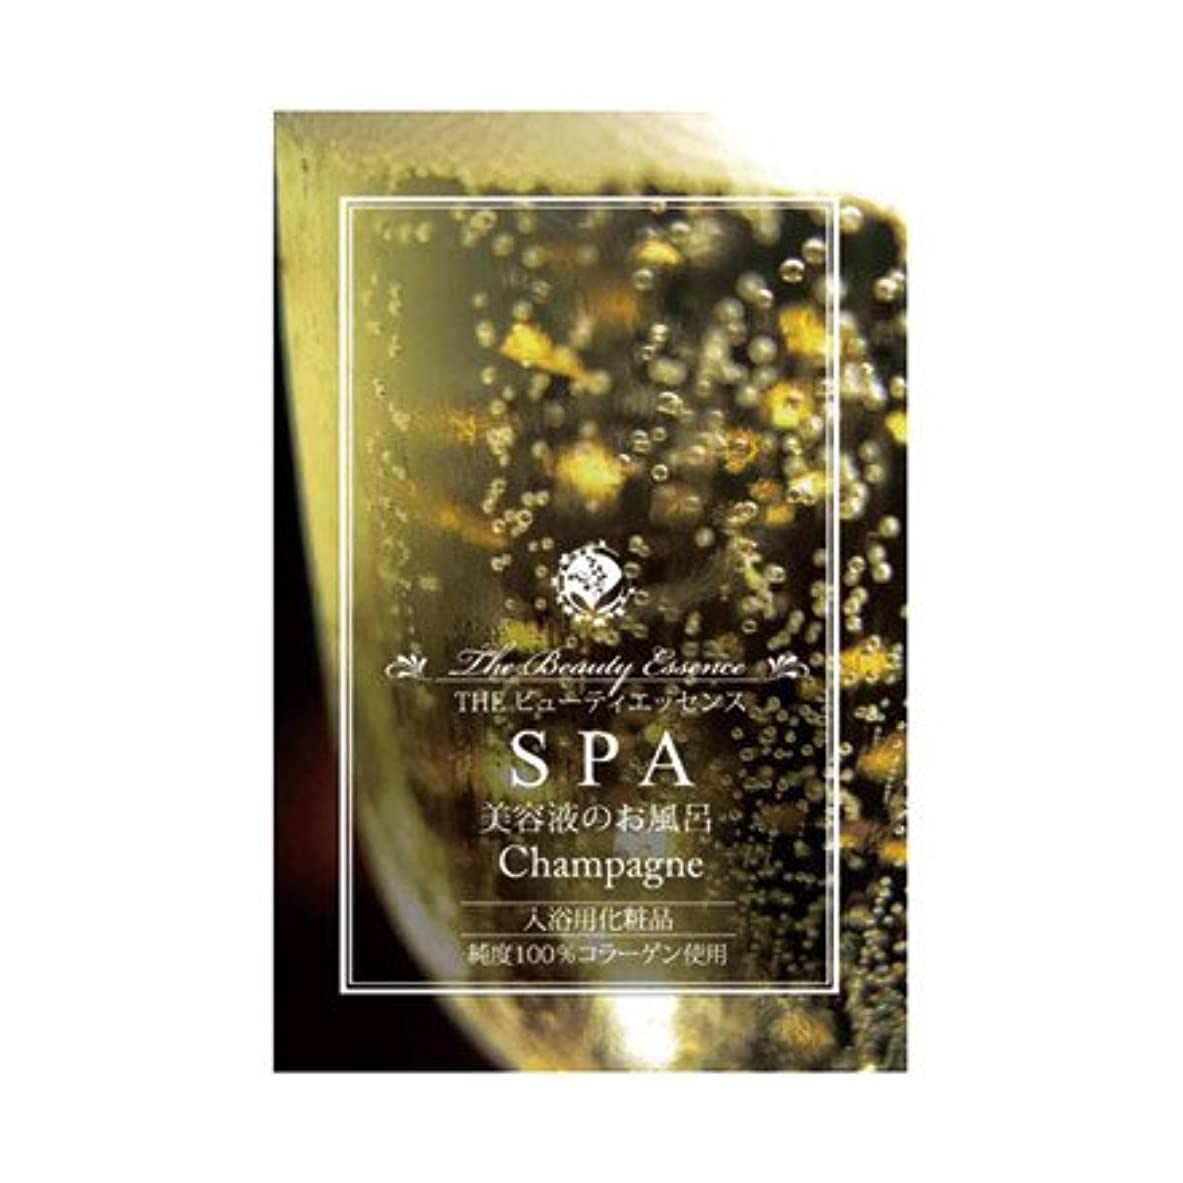 肯定的裂け目壊すビューティエッセンスSPA シャンパン 50g(入浴剤)